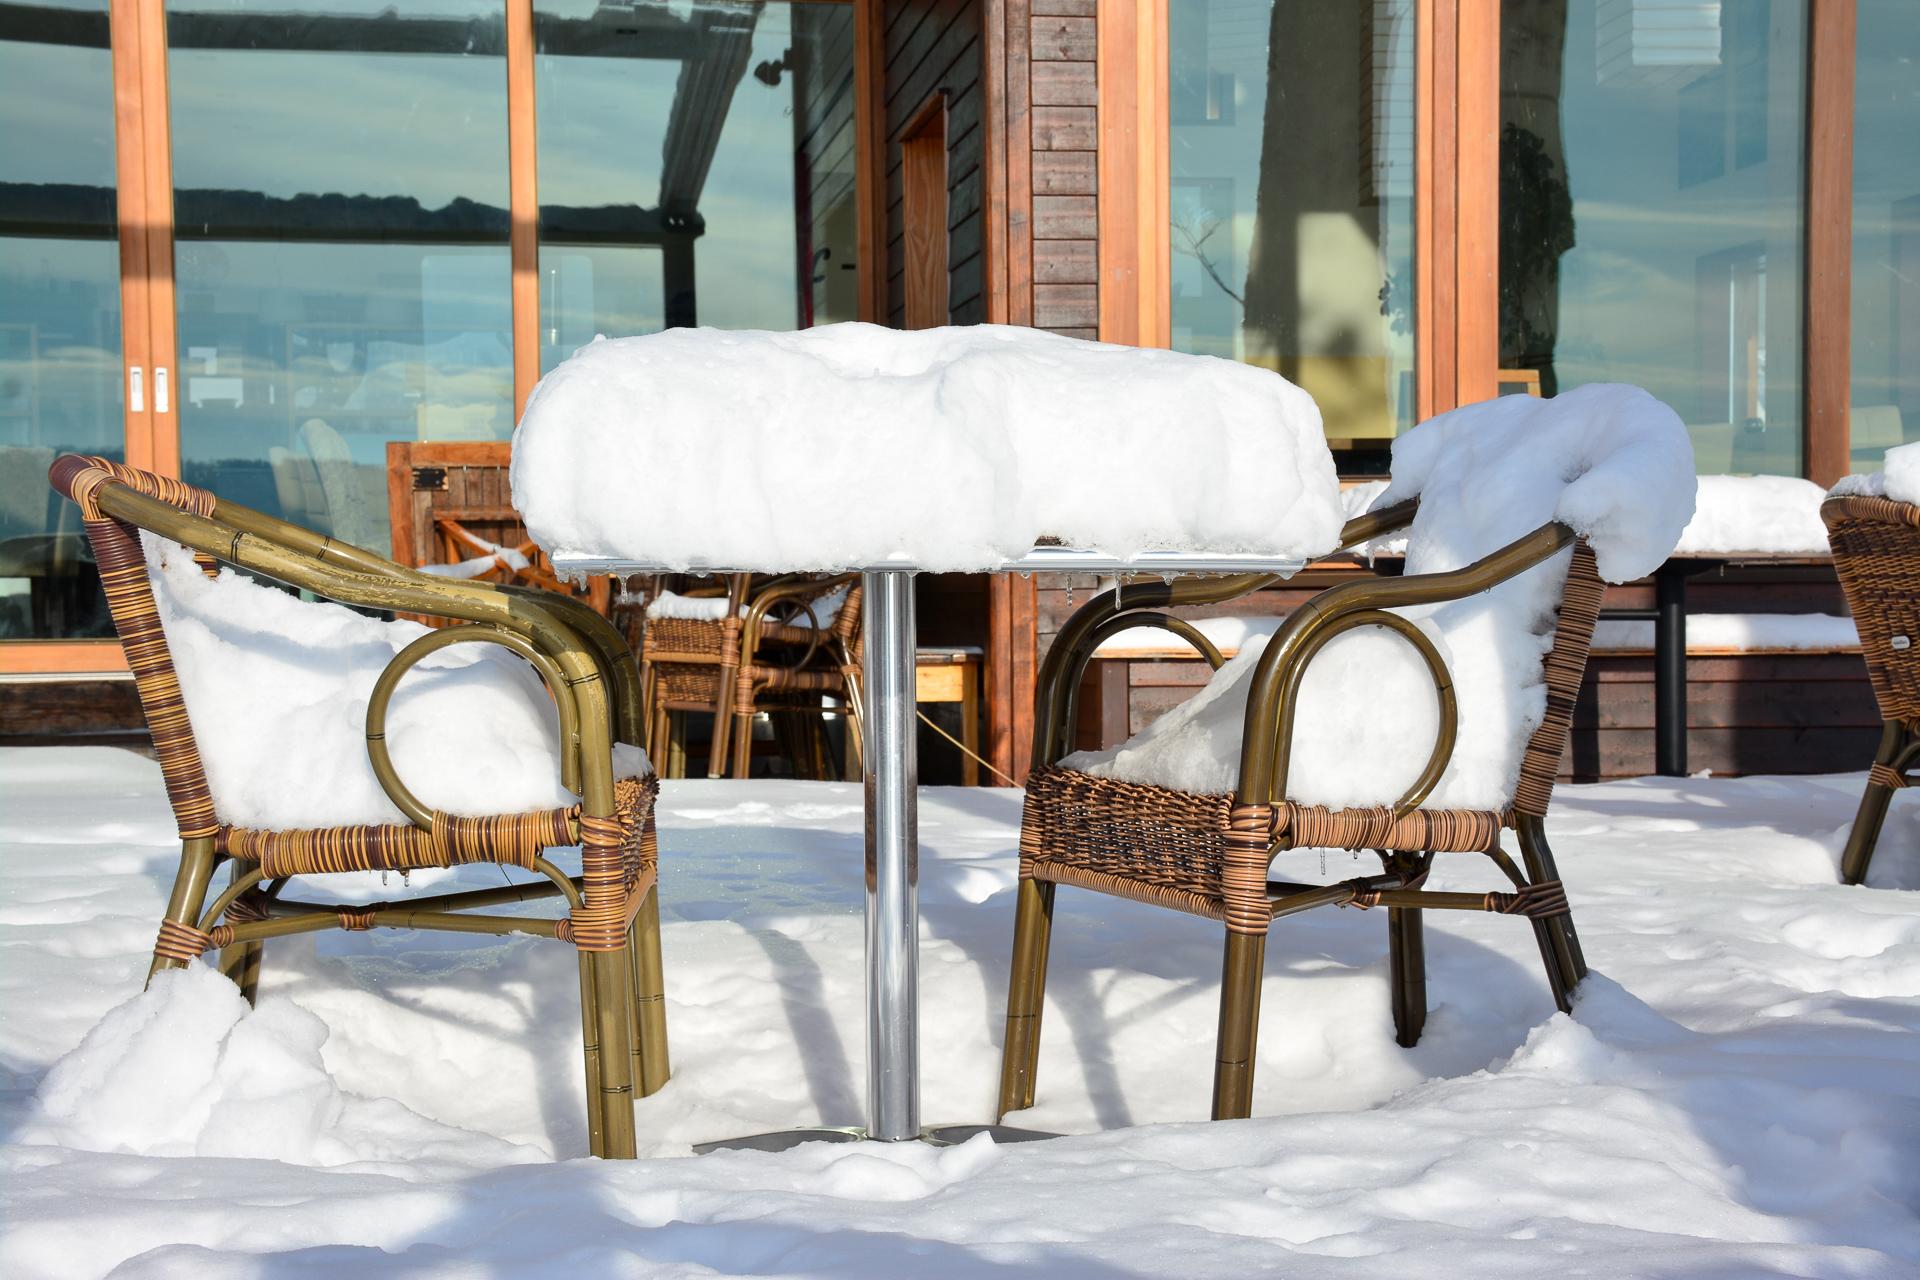 Schnee im Dialog Foto: Michael Schnurr